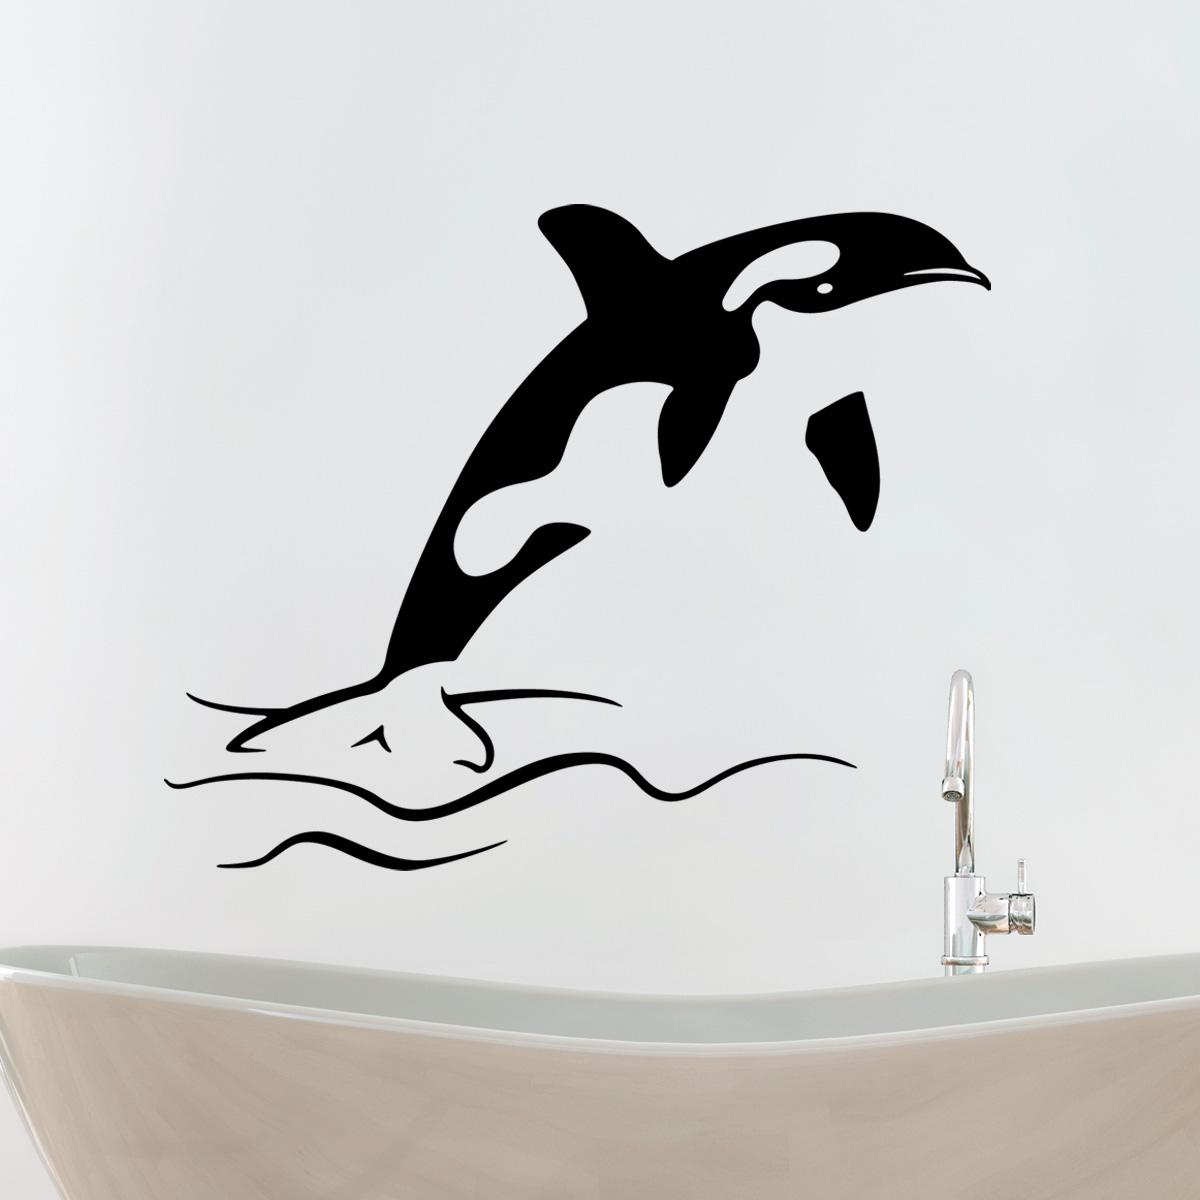 Stickers muraux pour salle de bain sticker mural dauphin for Stickers pour carreaux salle de bain